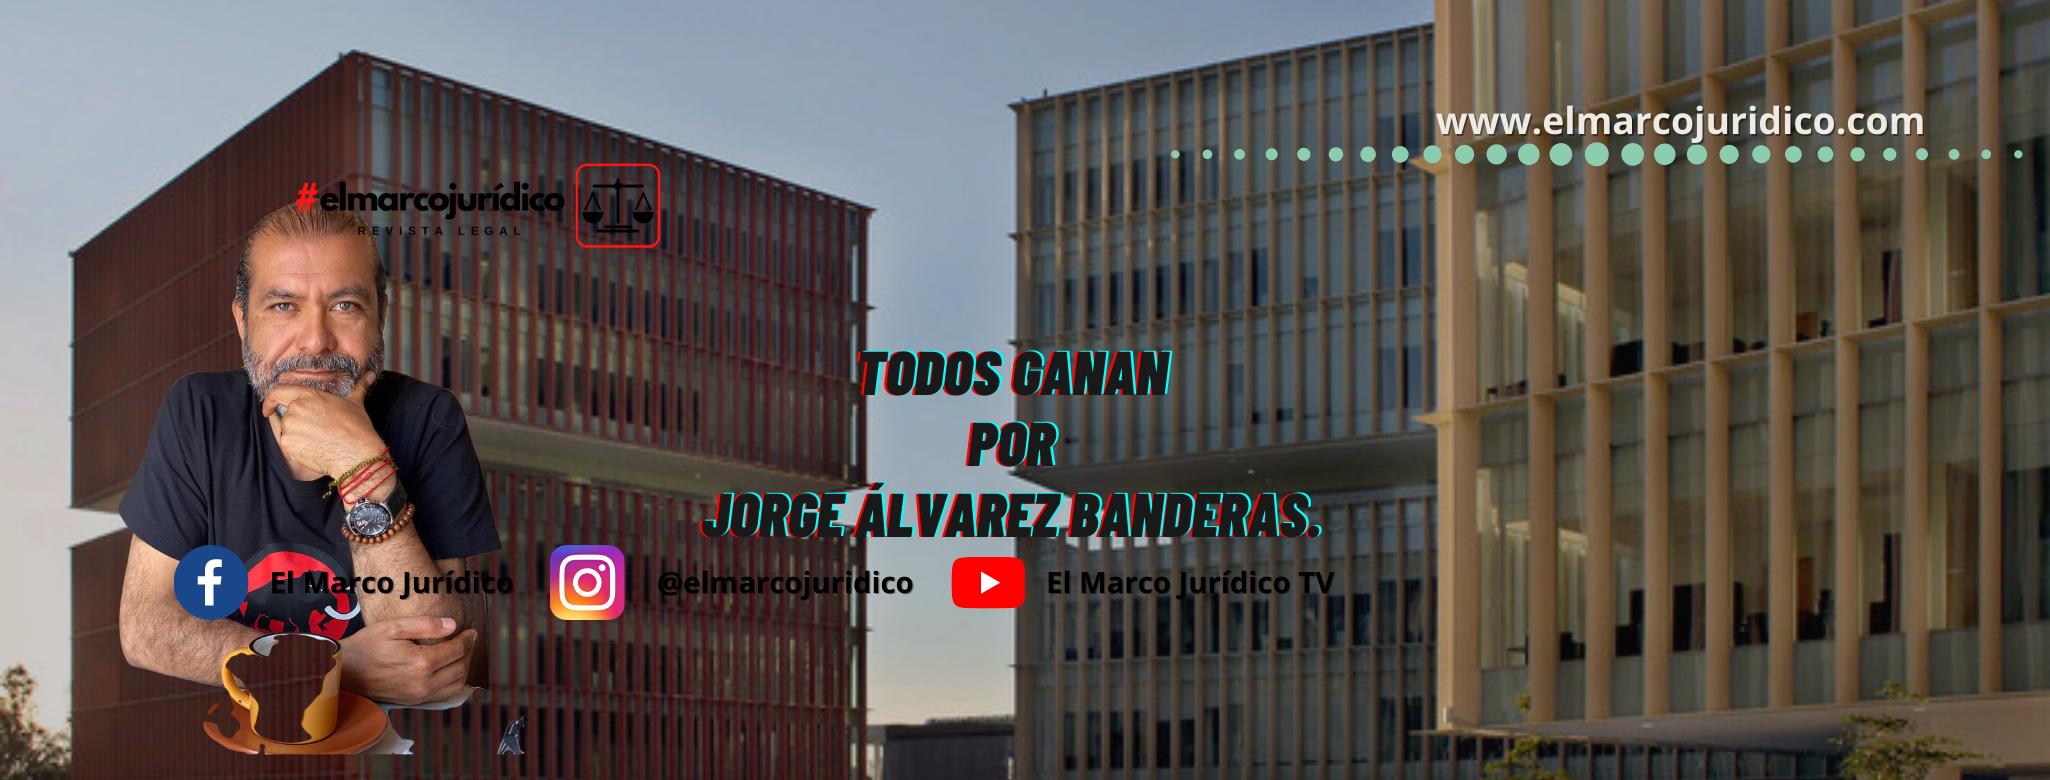 Todos ganan   Jorge Álvarez Banderas.